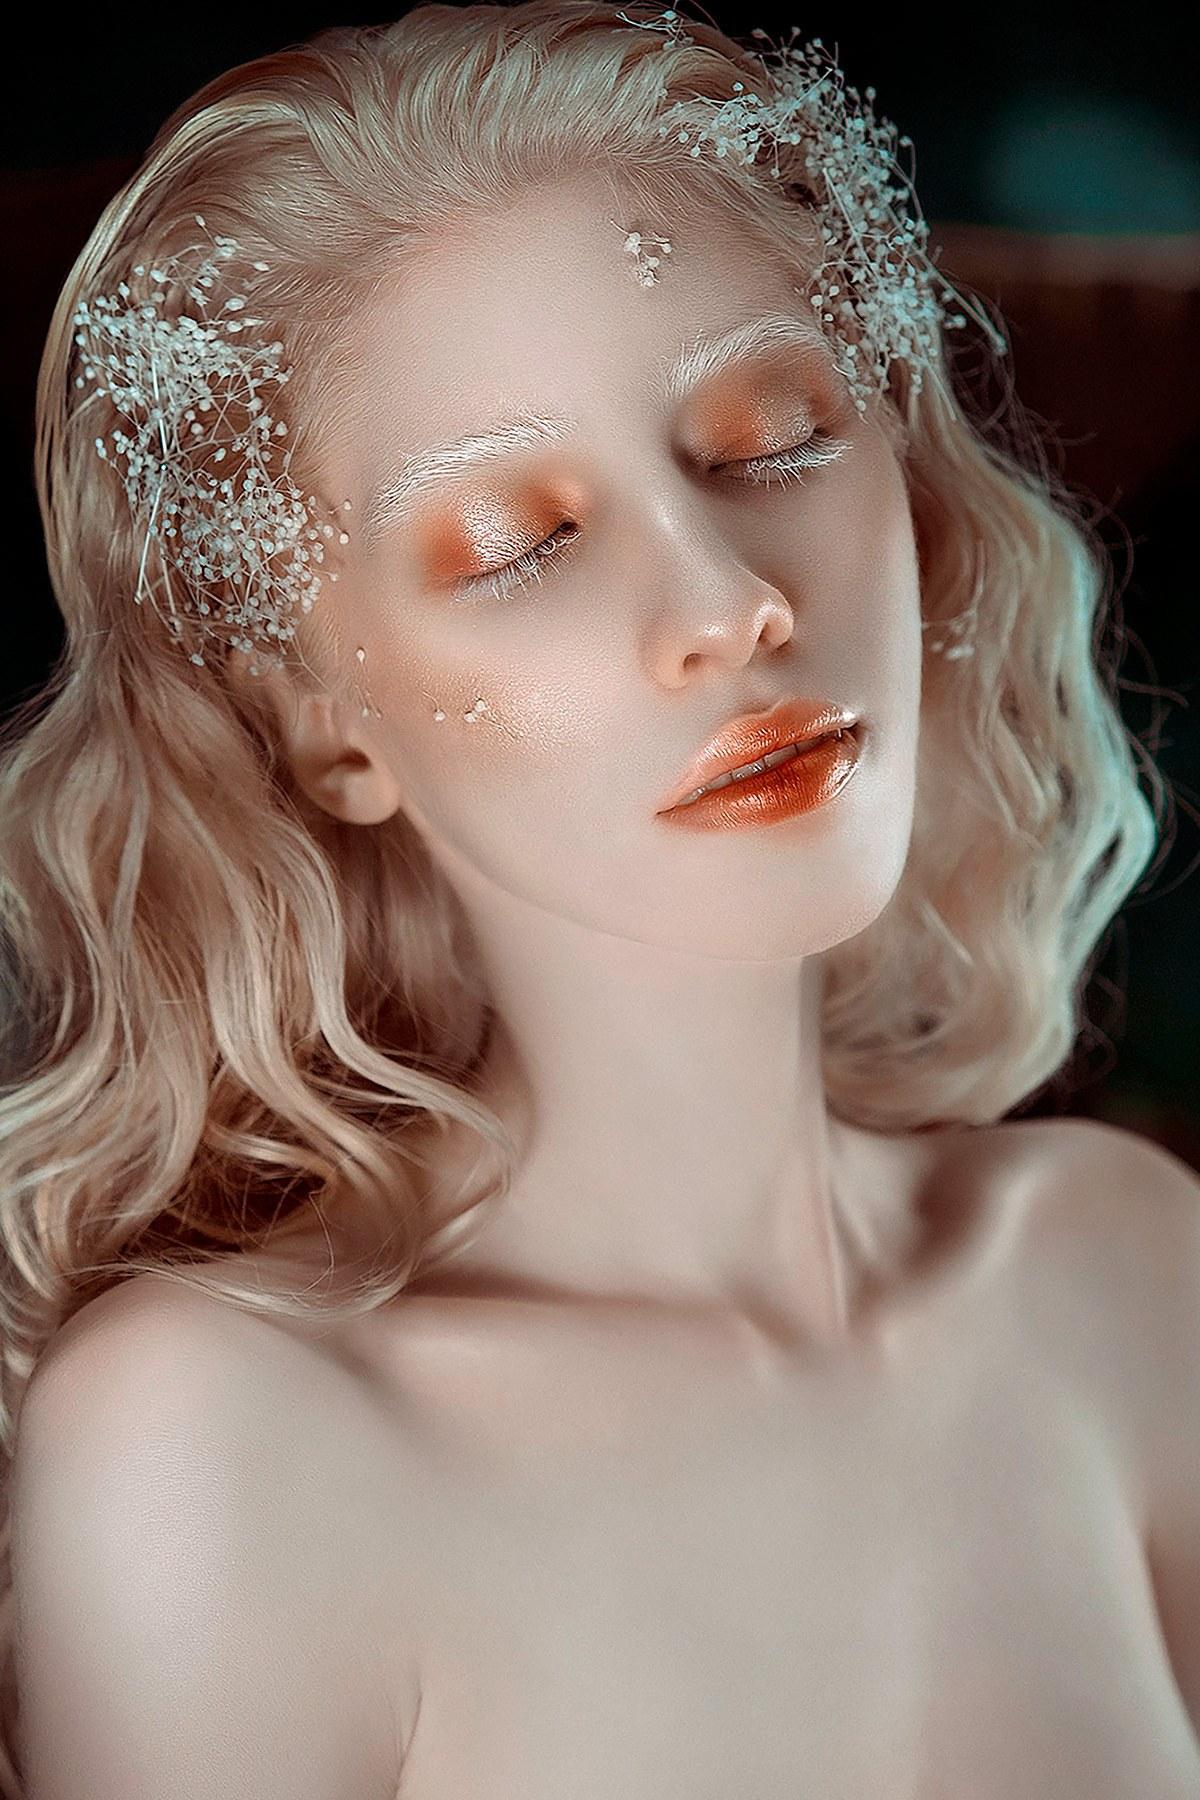 Conoce a la mexicana Ruby Vizcarra albina que rompe con los paradigmas de belleza del mundo